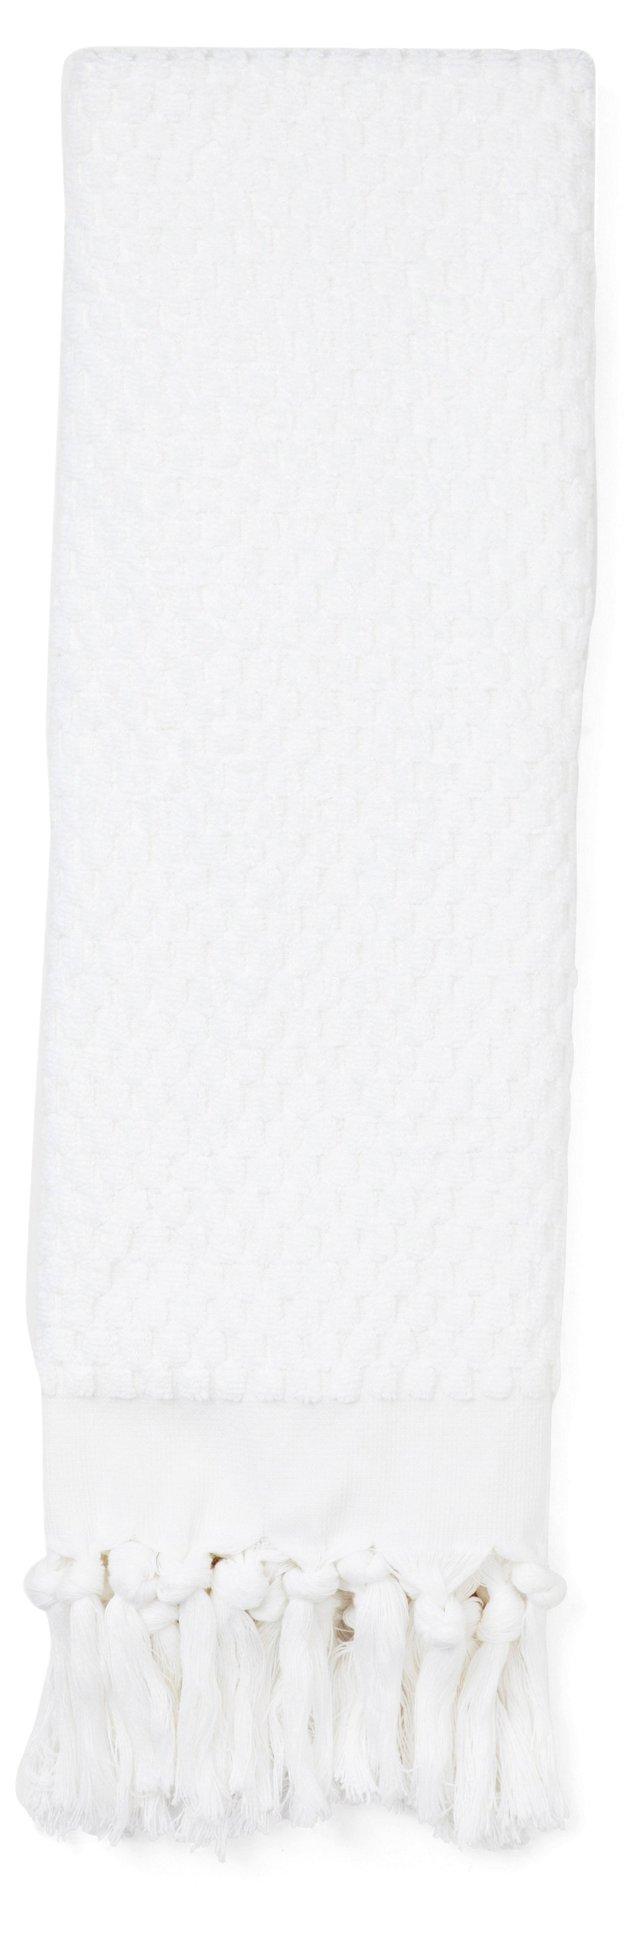 Turkish Hand Towel, White